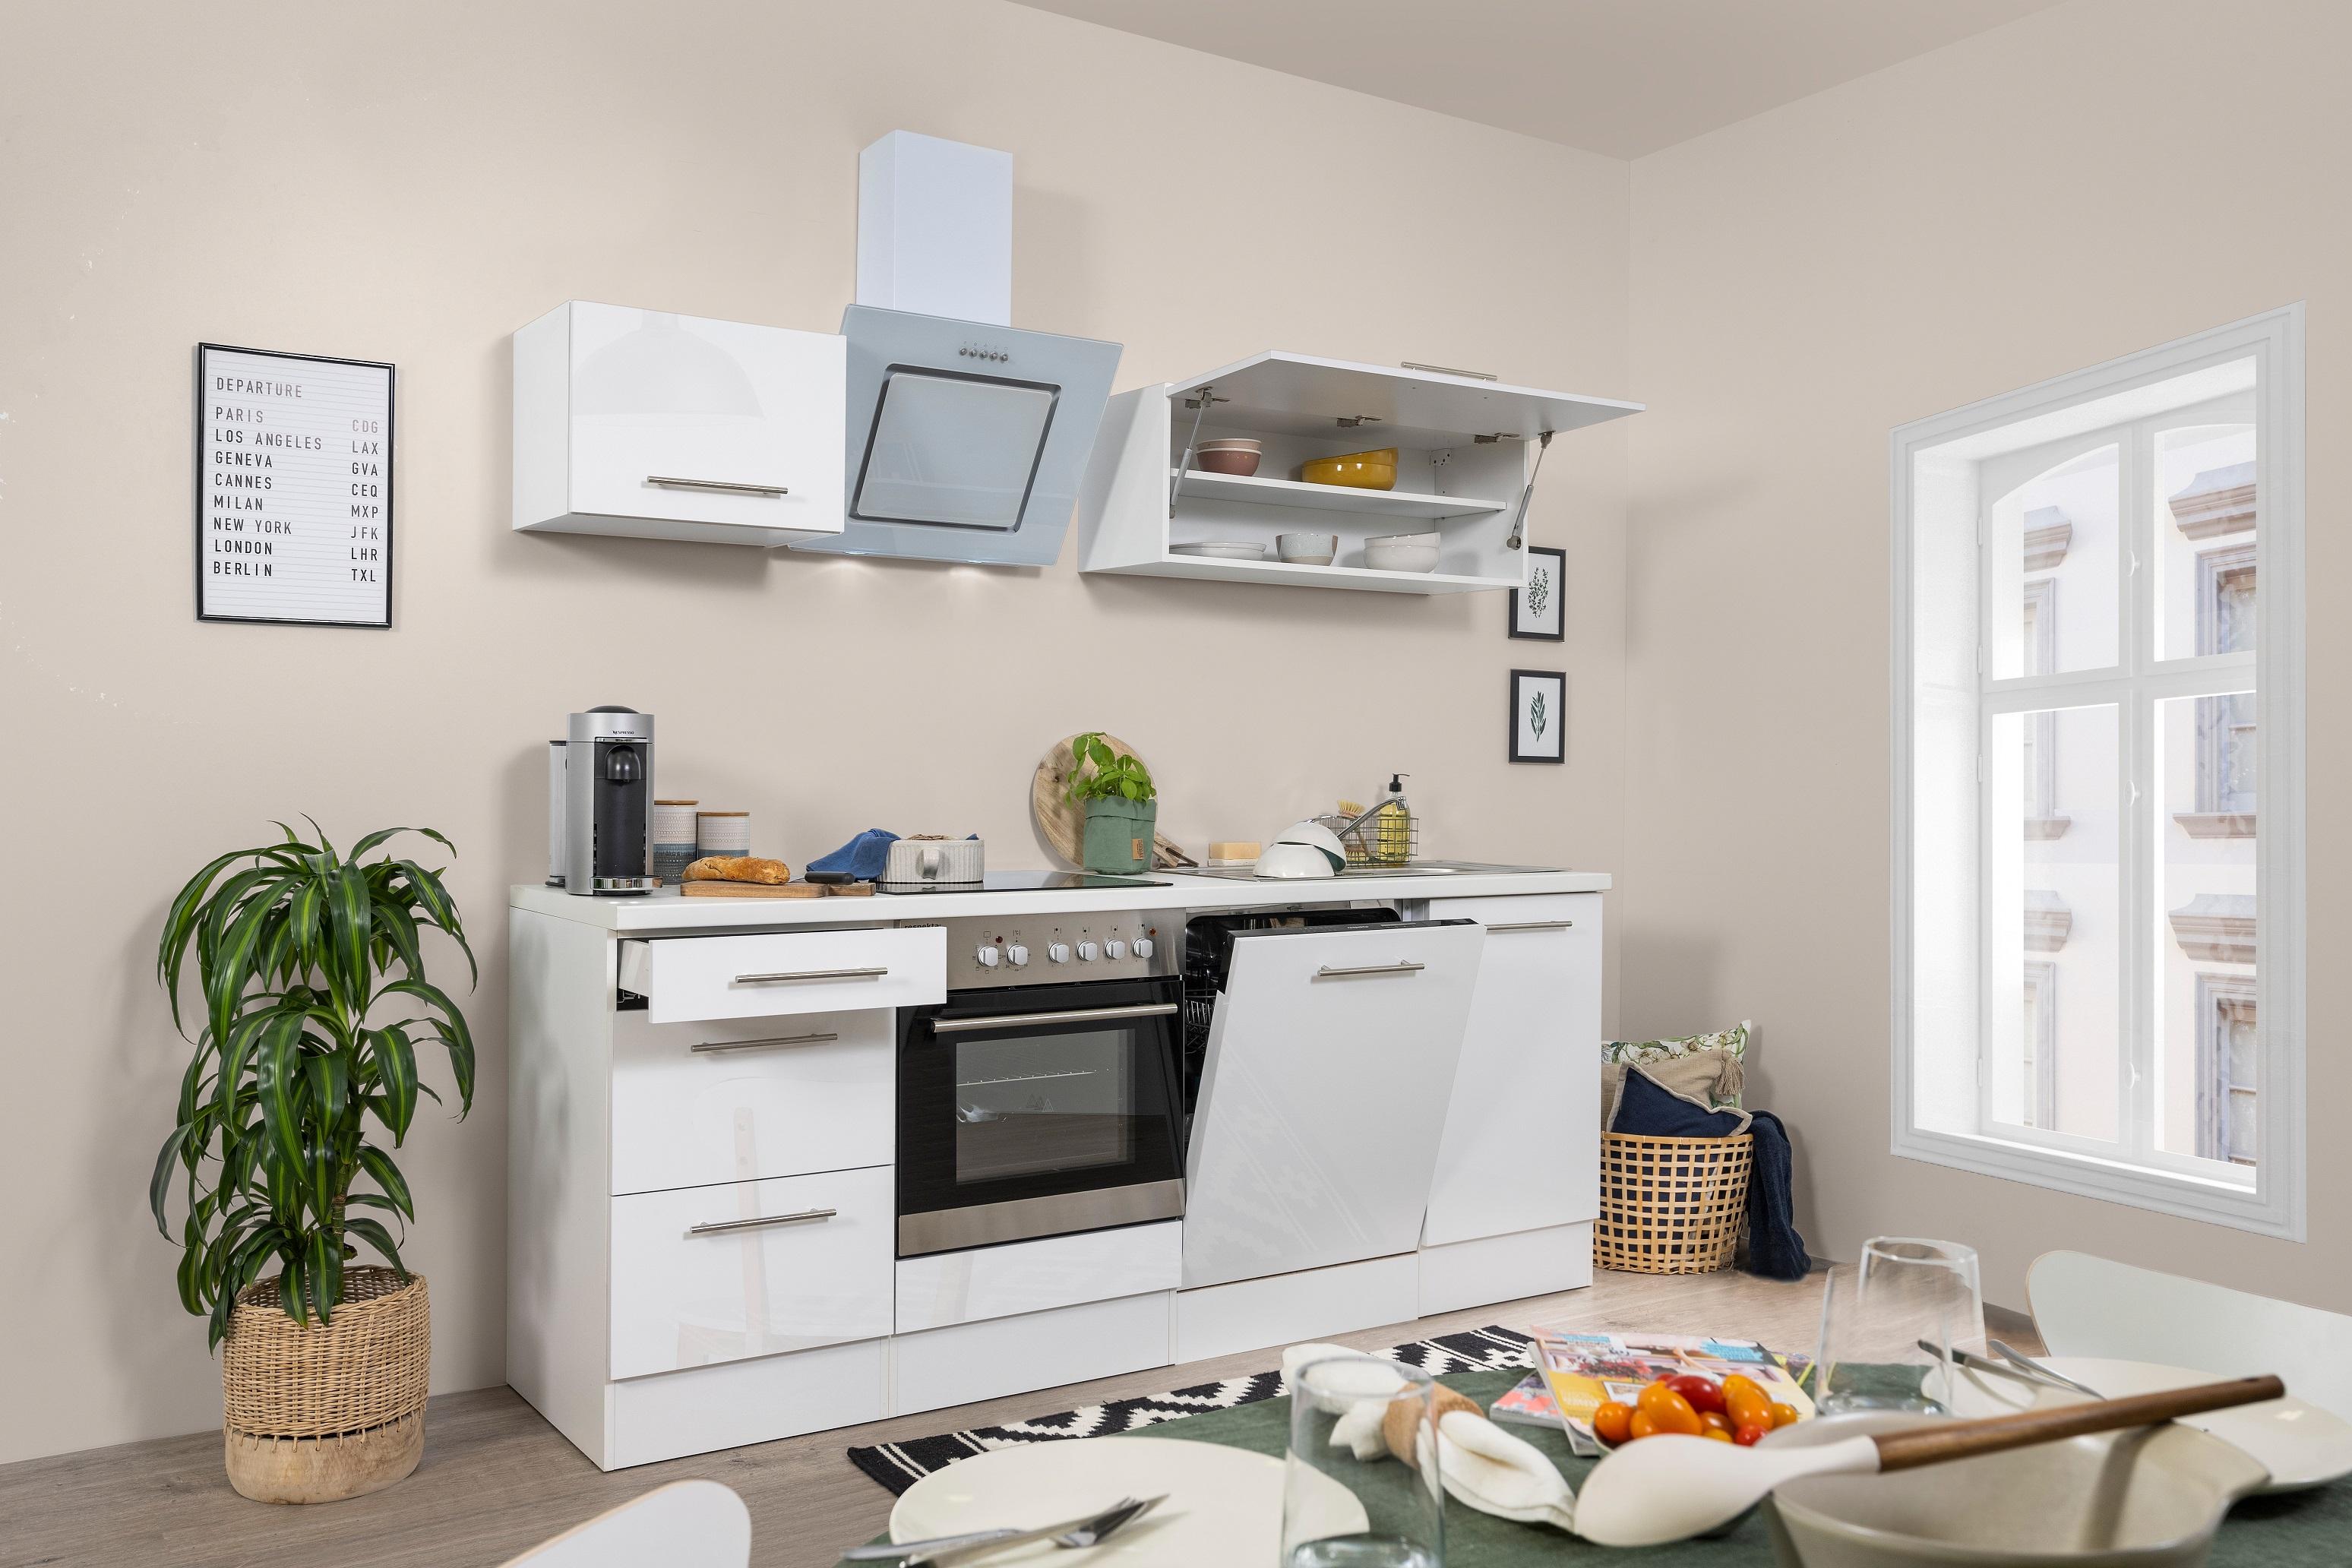 respekta Küchenzeile Küche Einbauküche Küchenblock Komplett Hochglanz 220cm weiß